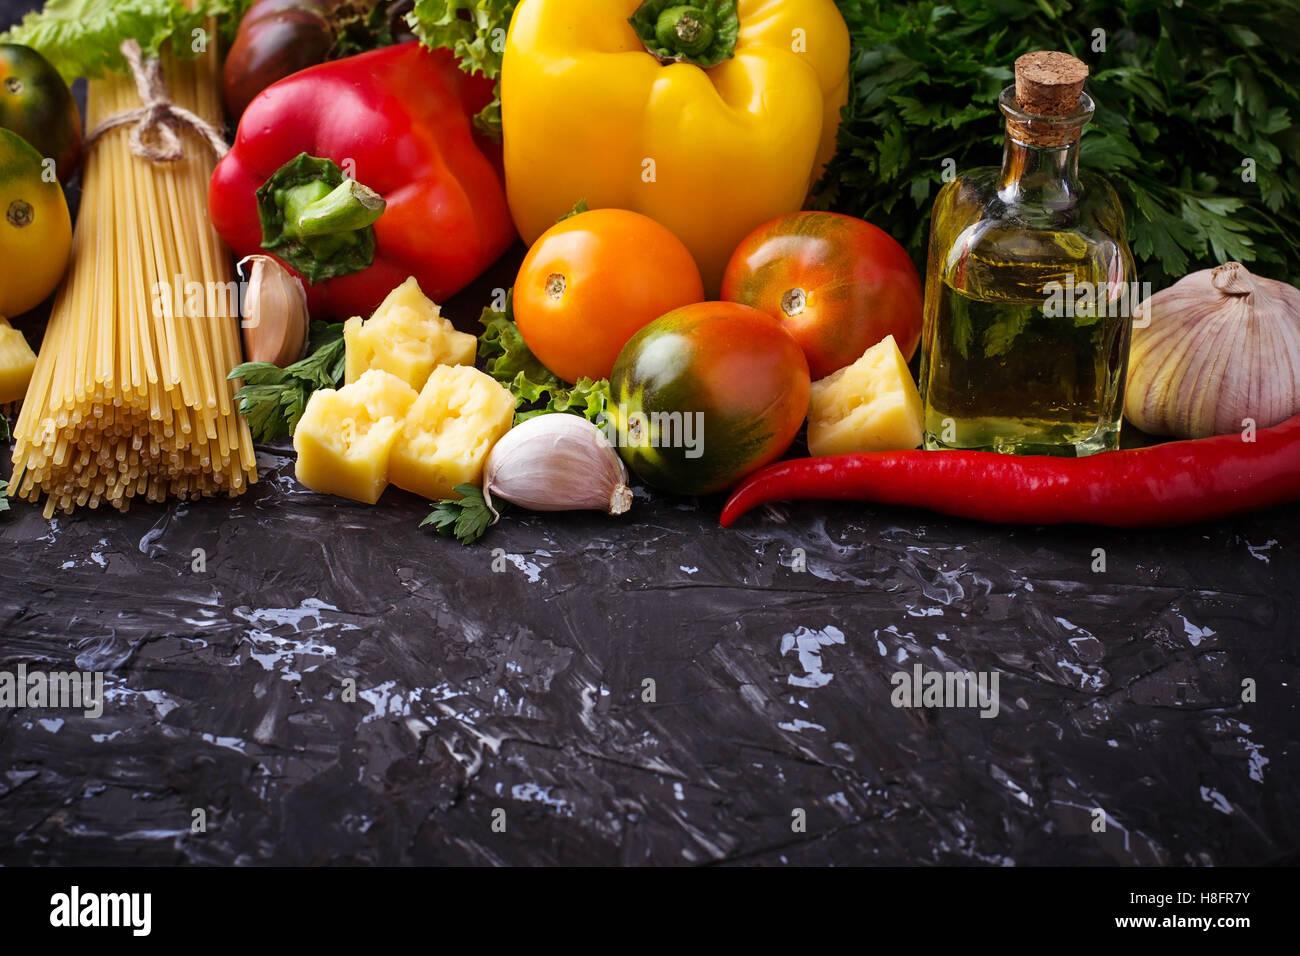 Concetto di cucina italiana. La pasta di pomodoro, olio d'oliva, pepe, il prezzemolo e il formaggio. Messa a Immagini Stock